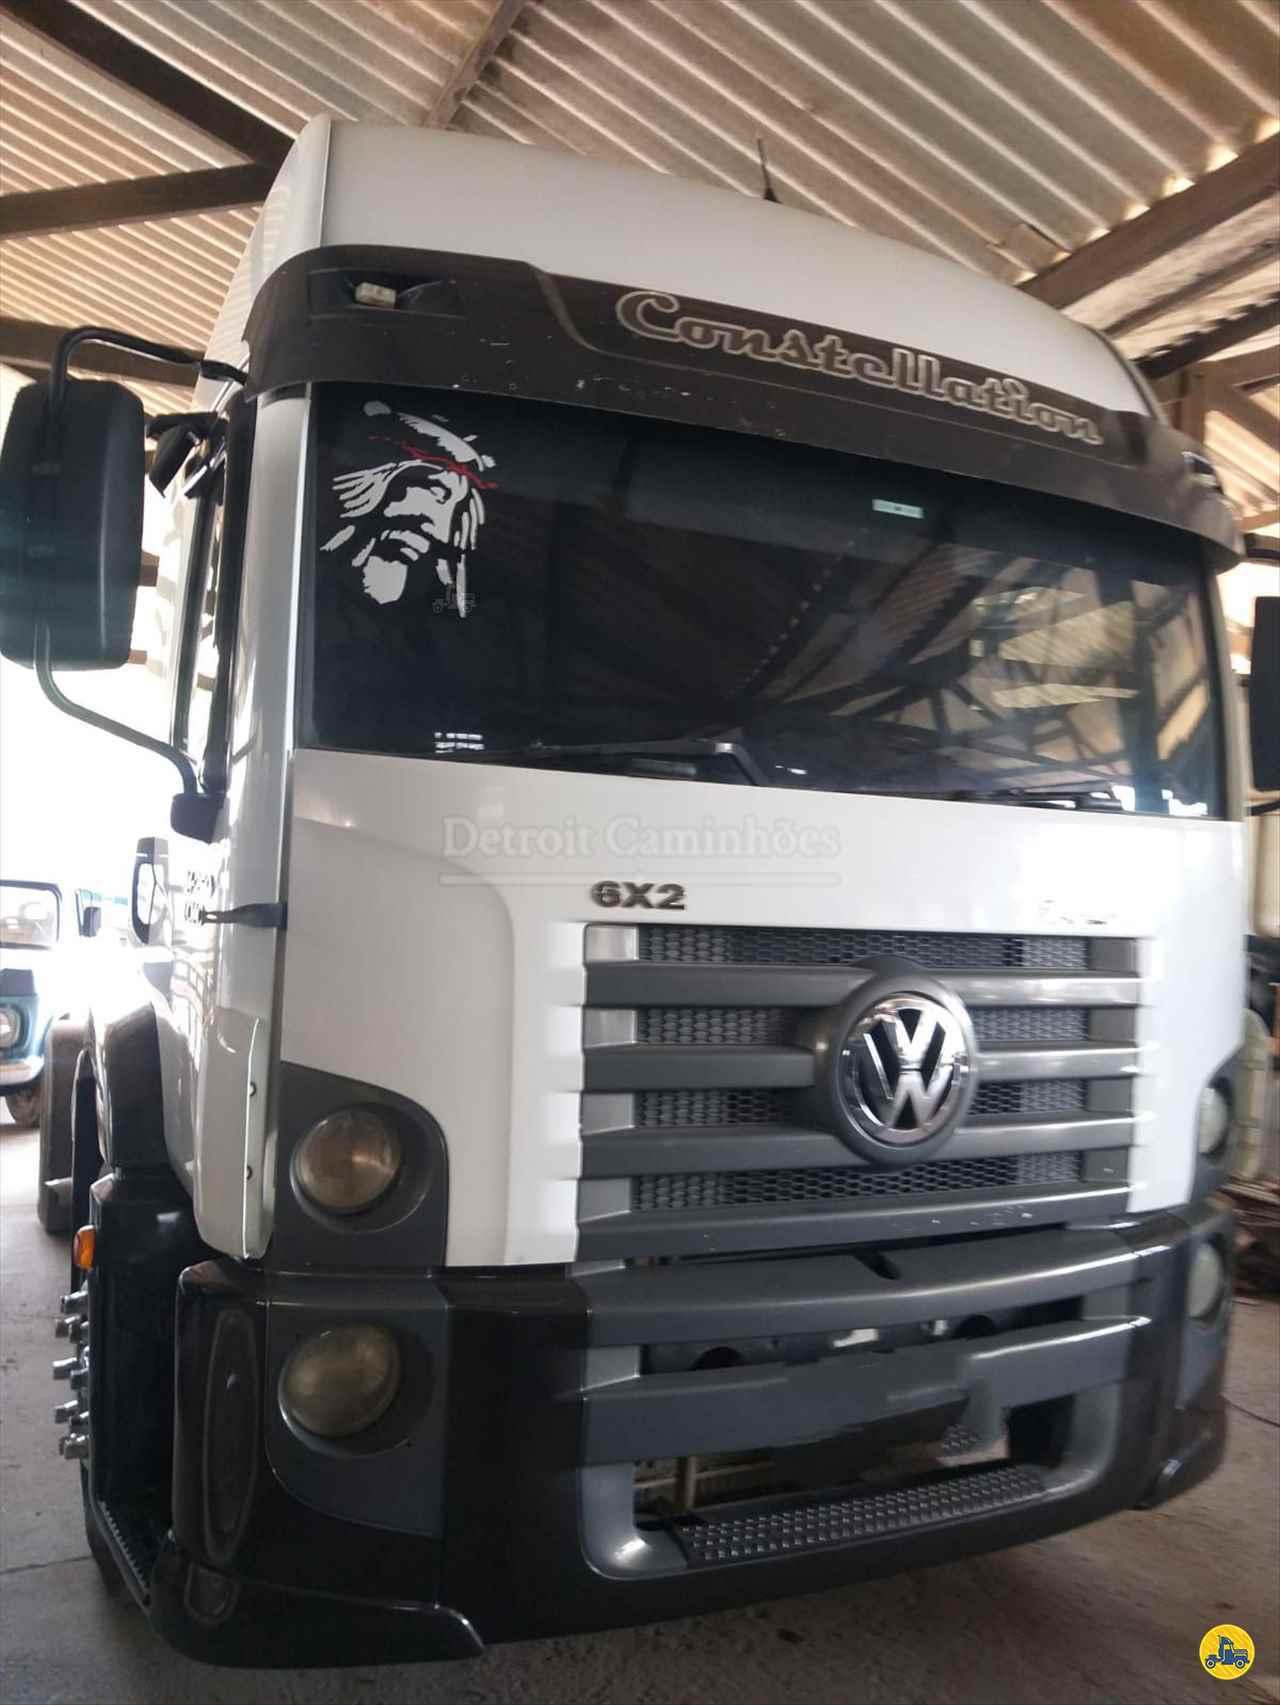 CAMINHAO VOLKSWAGEN VW 24250 Chassis Truck 6x2 Detroit Caminhões SAO JOSE DOS CAMPOS SÃO PAULO SP